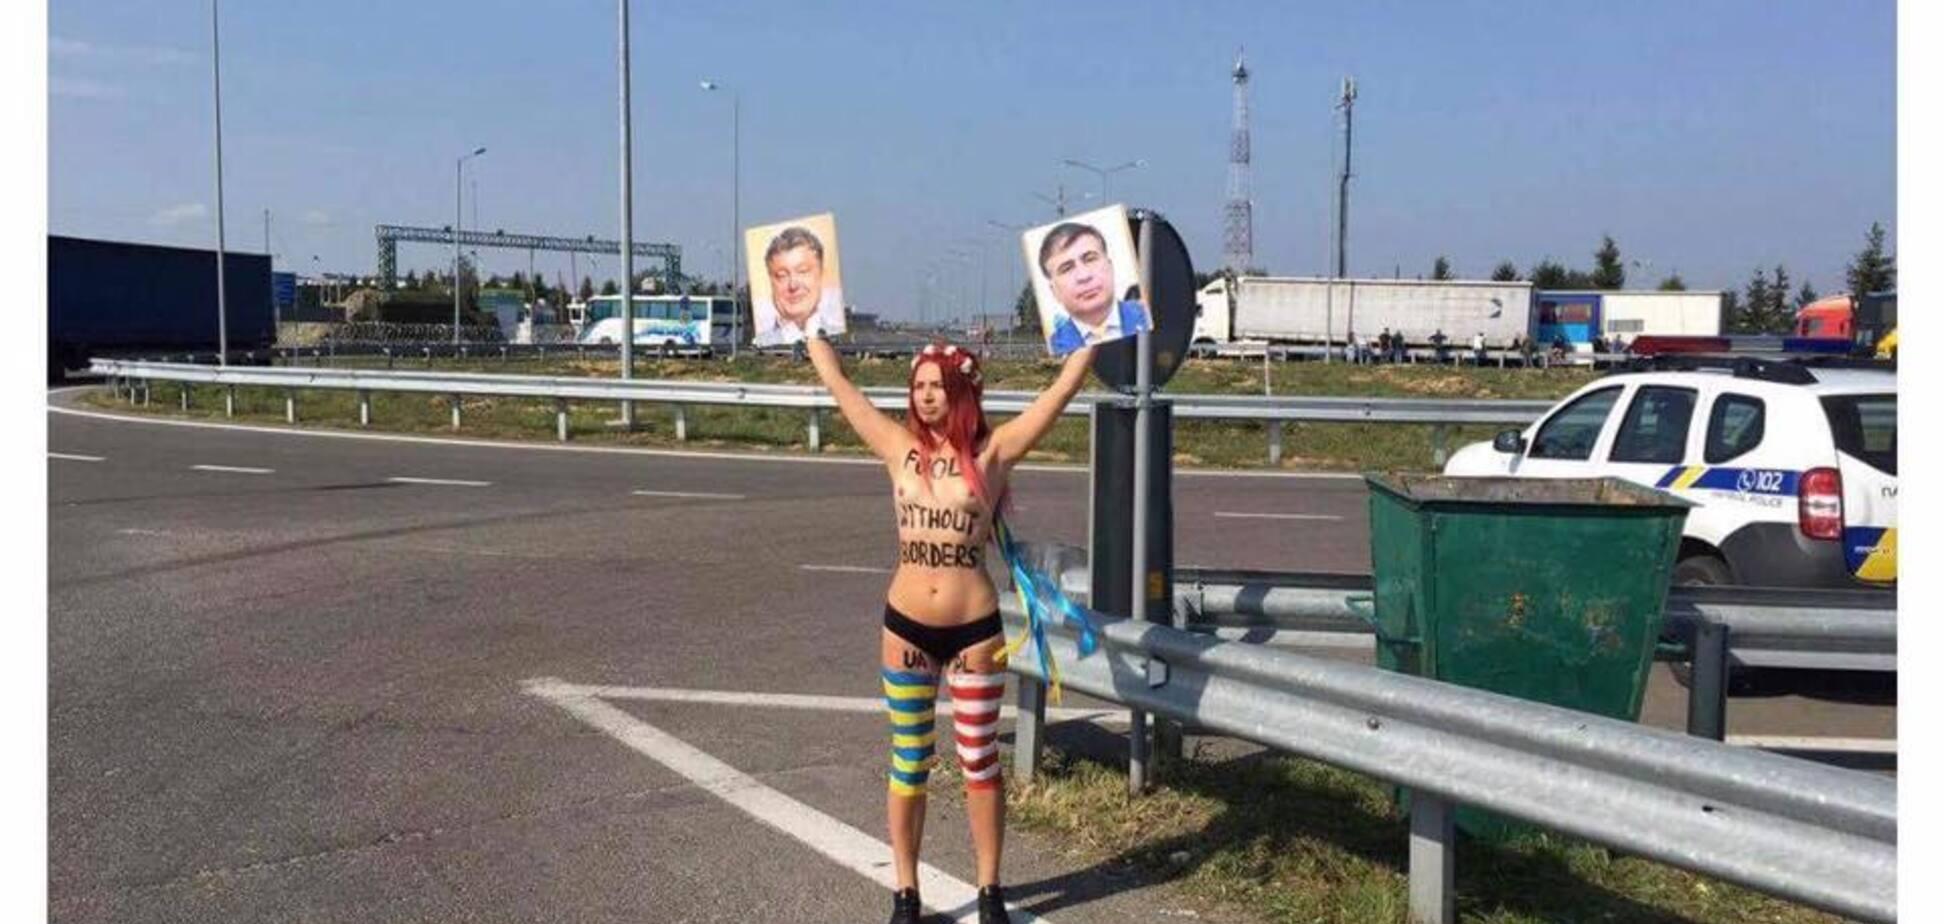 Активистка Femen топлесс присоединилась к 'прорыву' Саакашвили на 'Краковце'